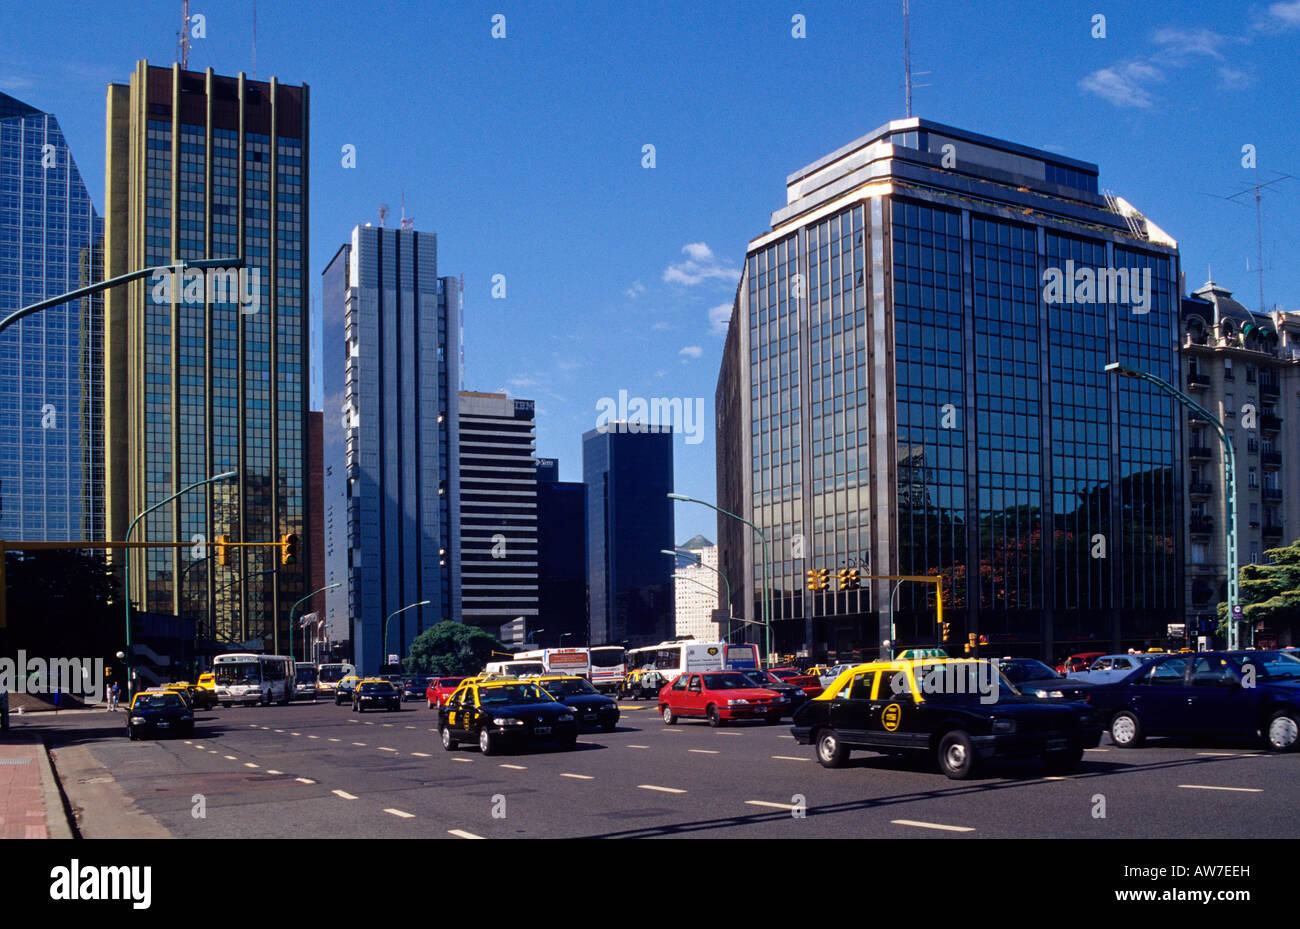 Avenida Libertador buildings near Plaza San Martín Buenos Aires Argentina - Stock Image